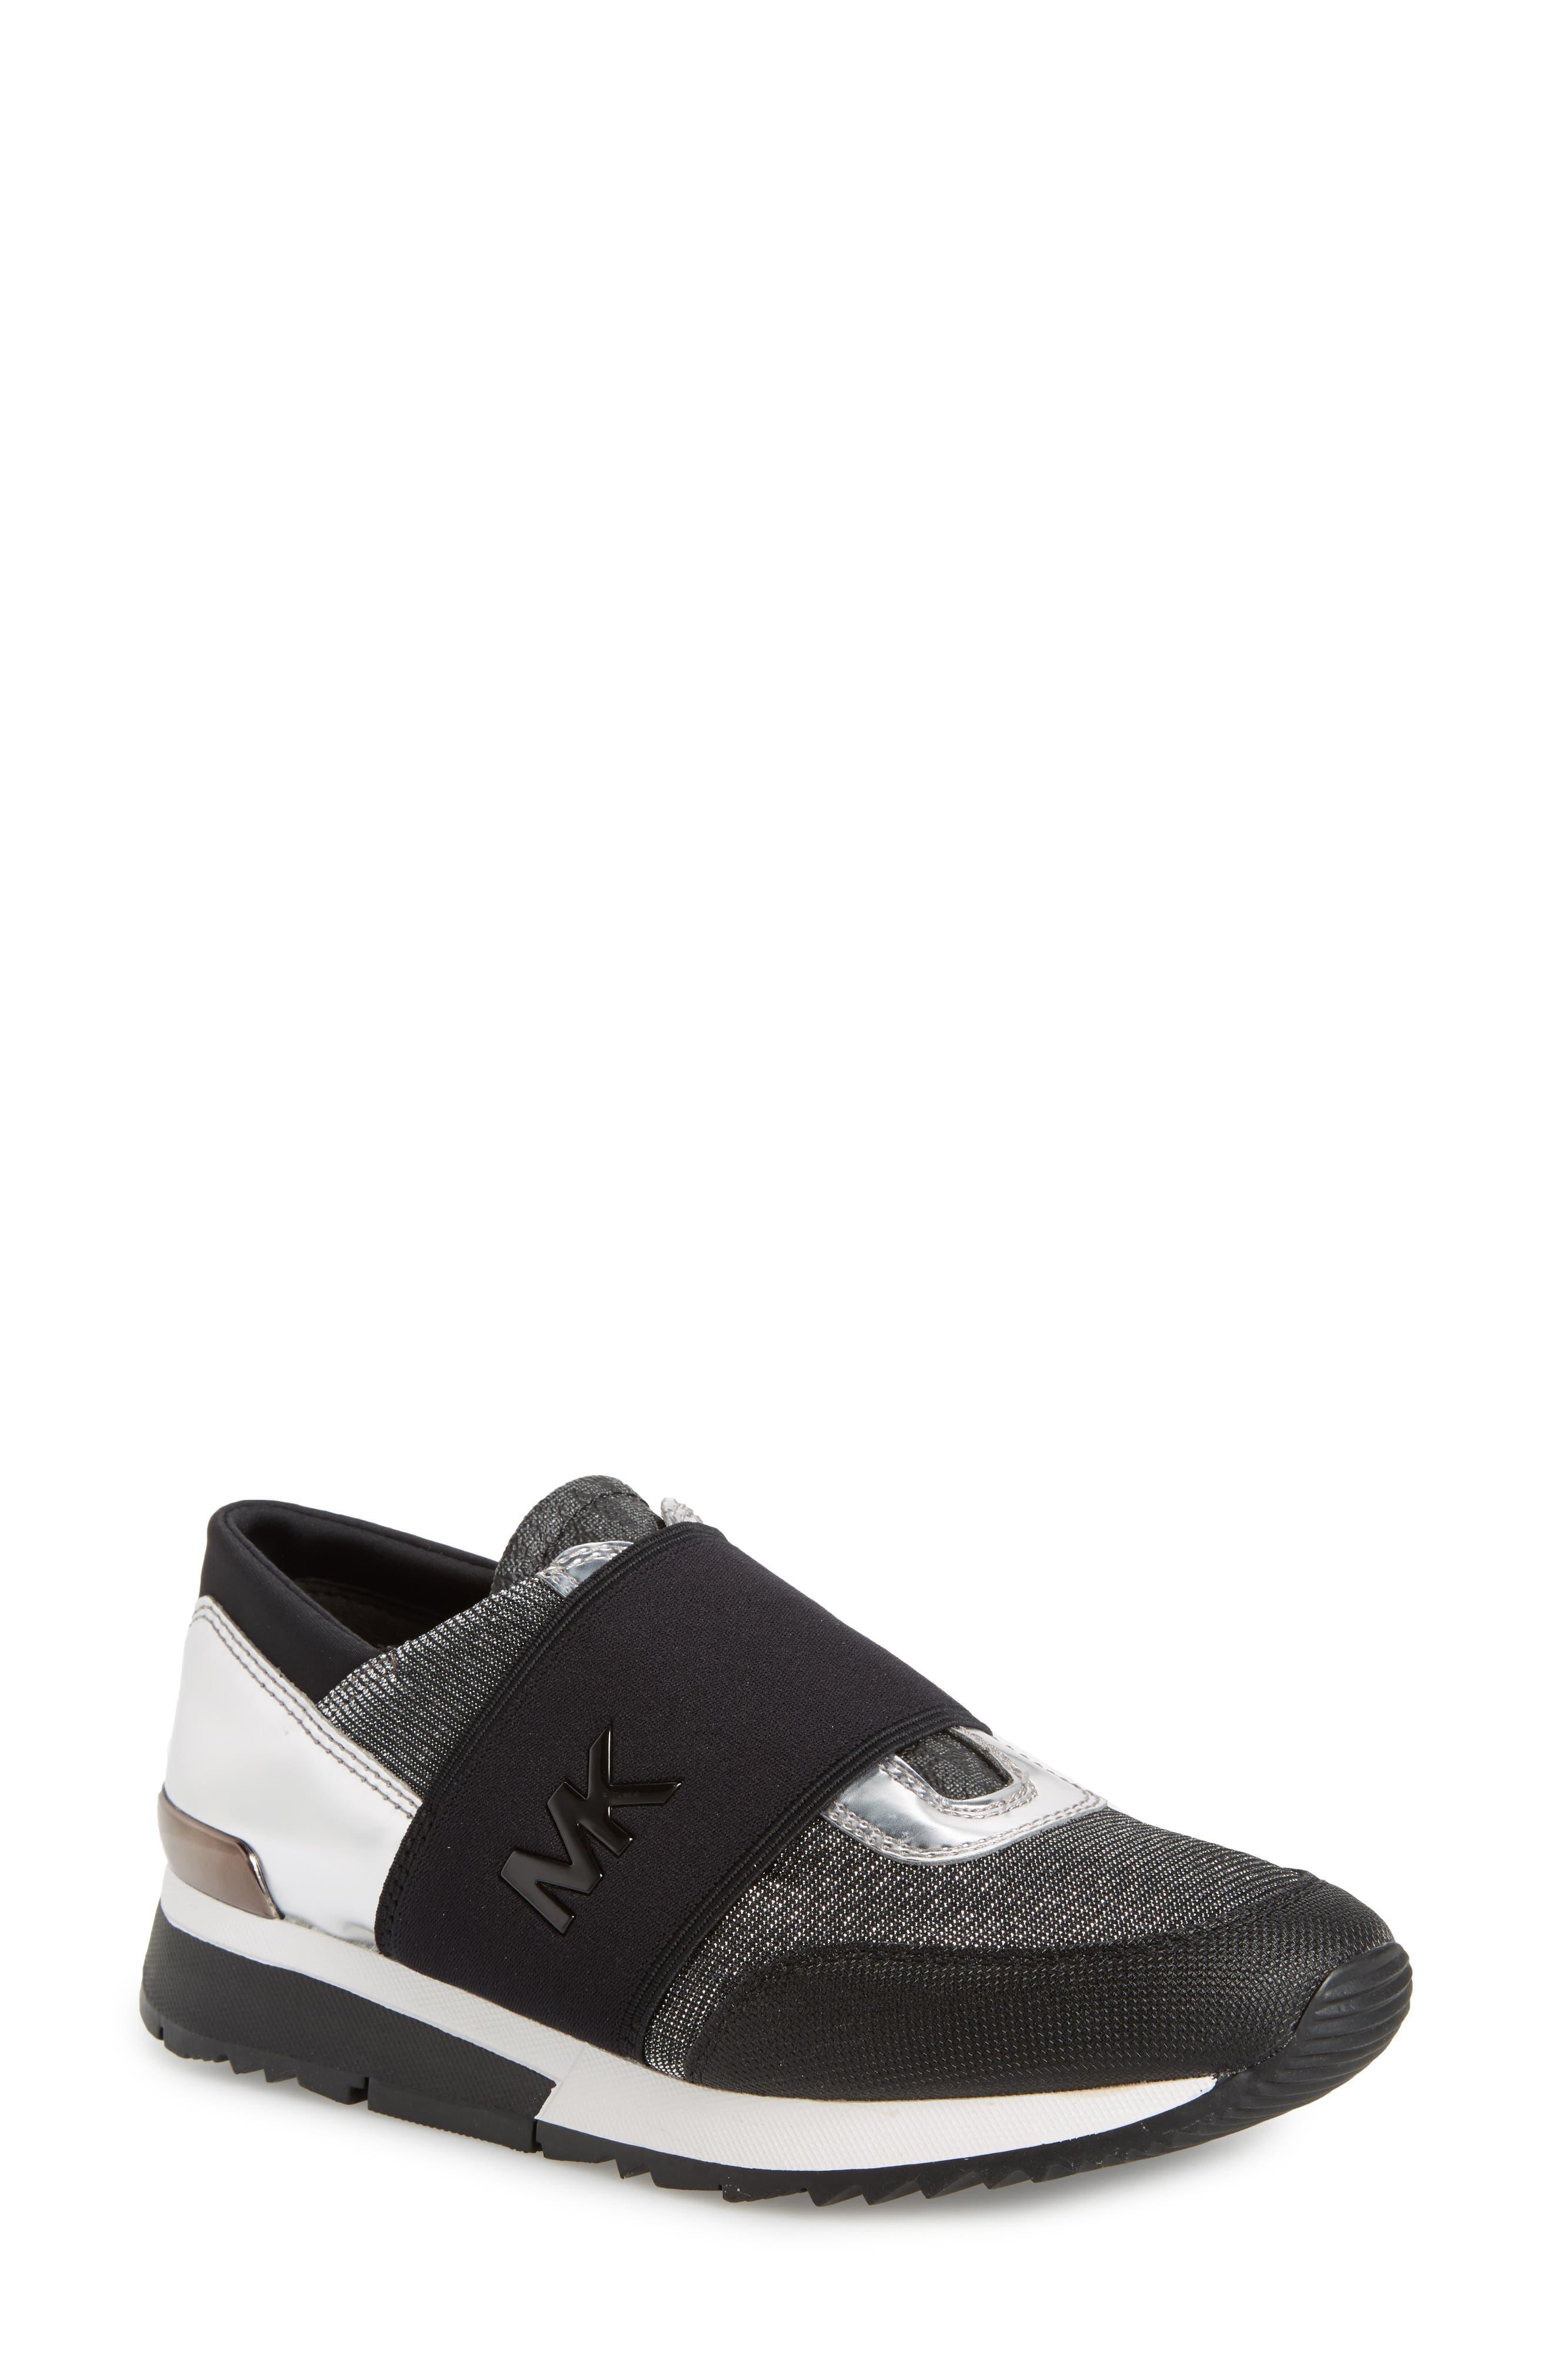 Main Image - MICHAEL Michael Kors Slip-On Sneaker (Women)